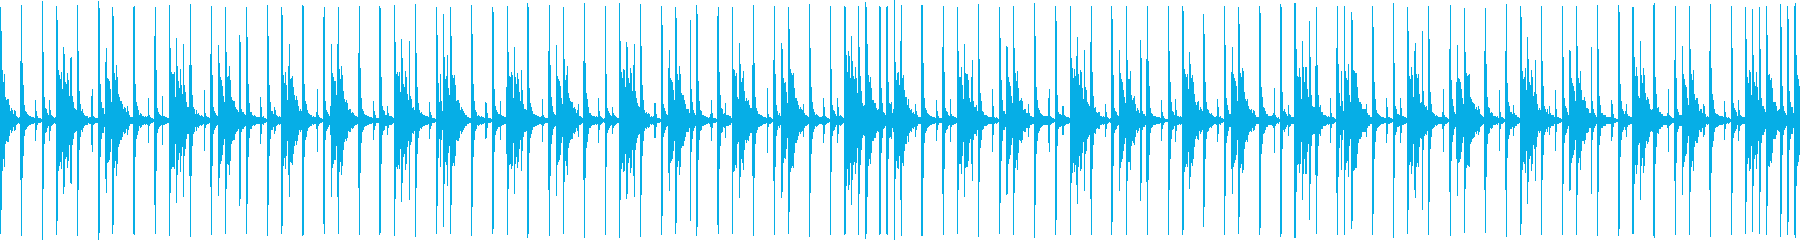 インドパーカッション スローの再生済みの波形